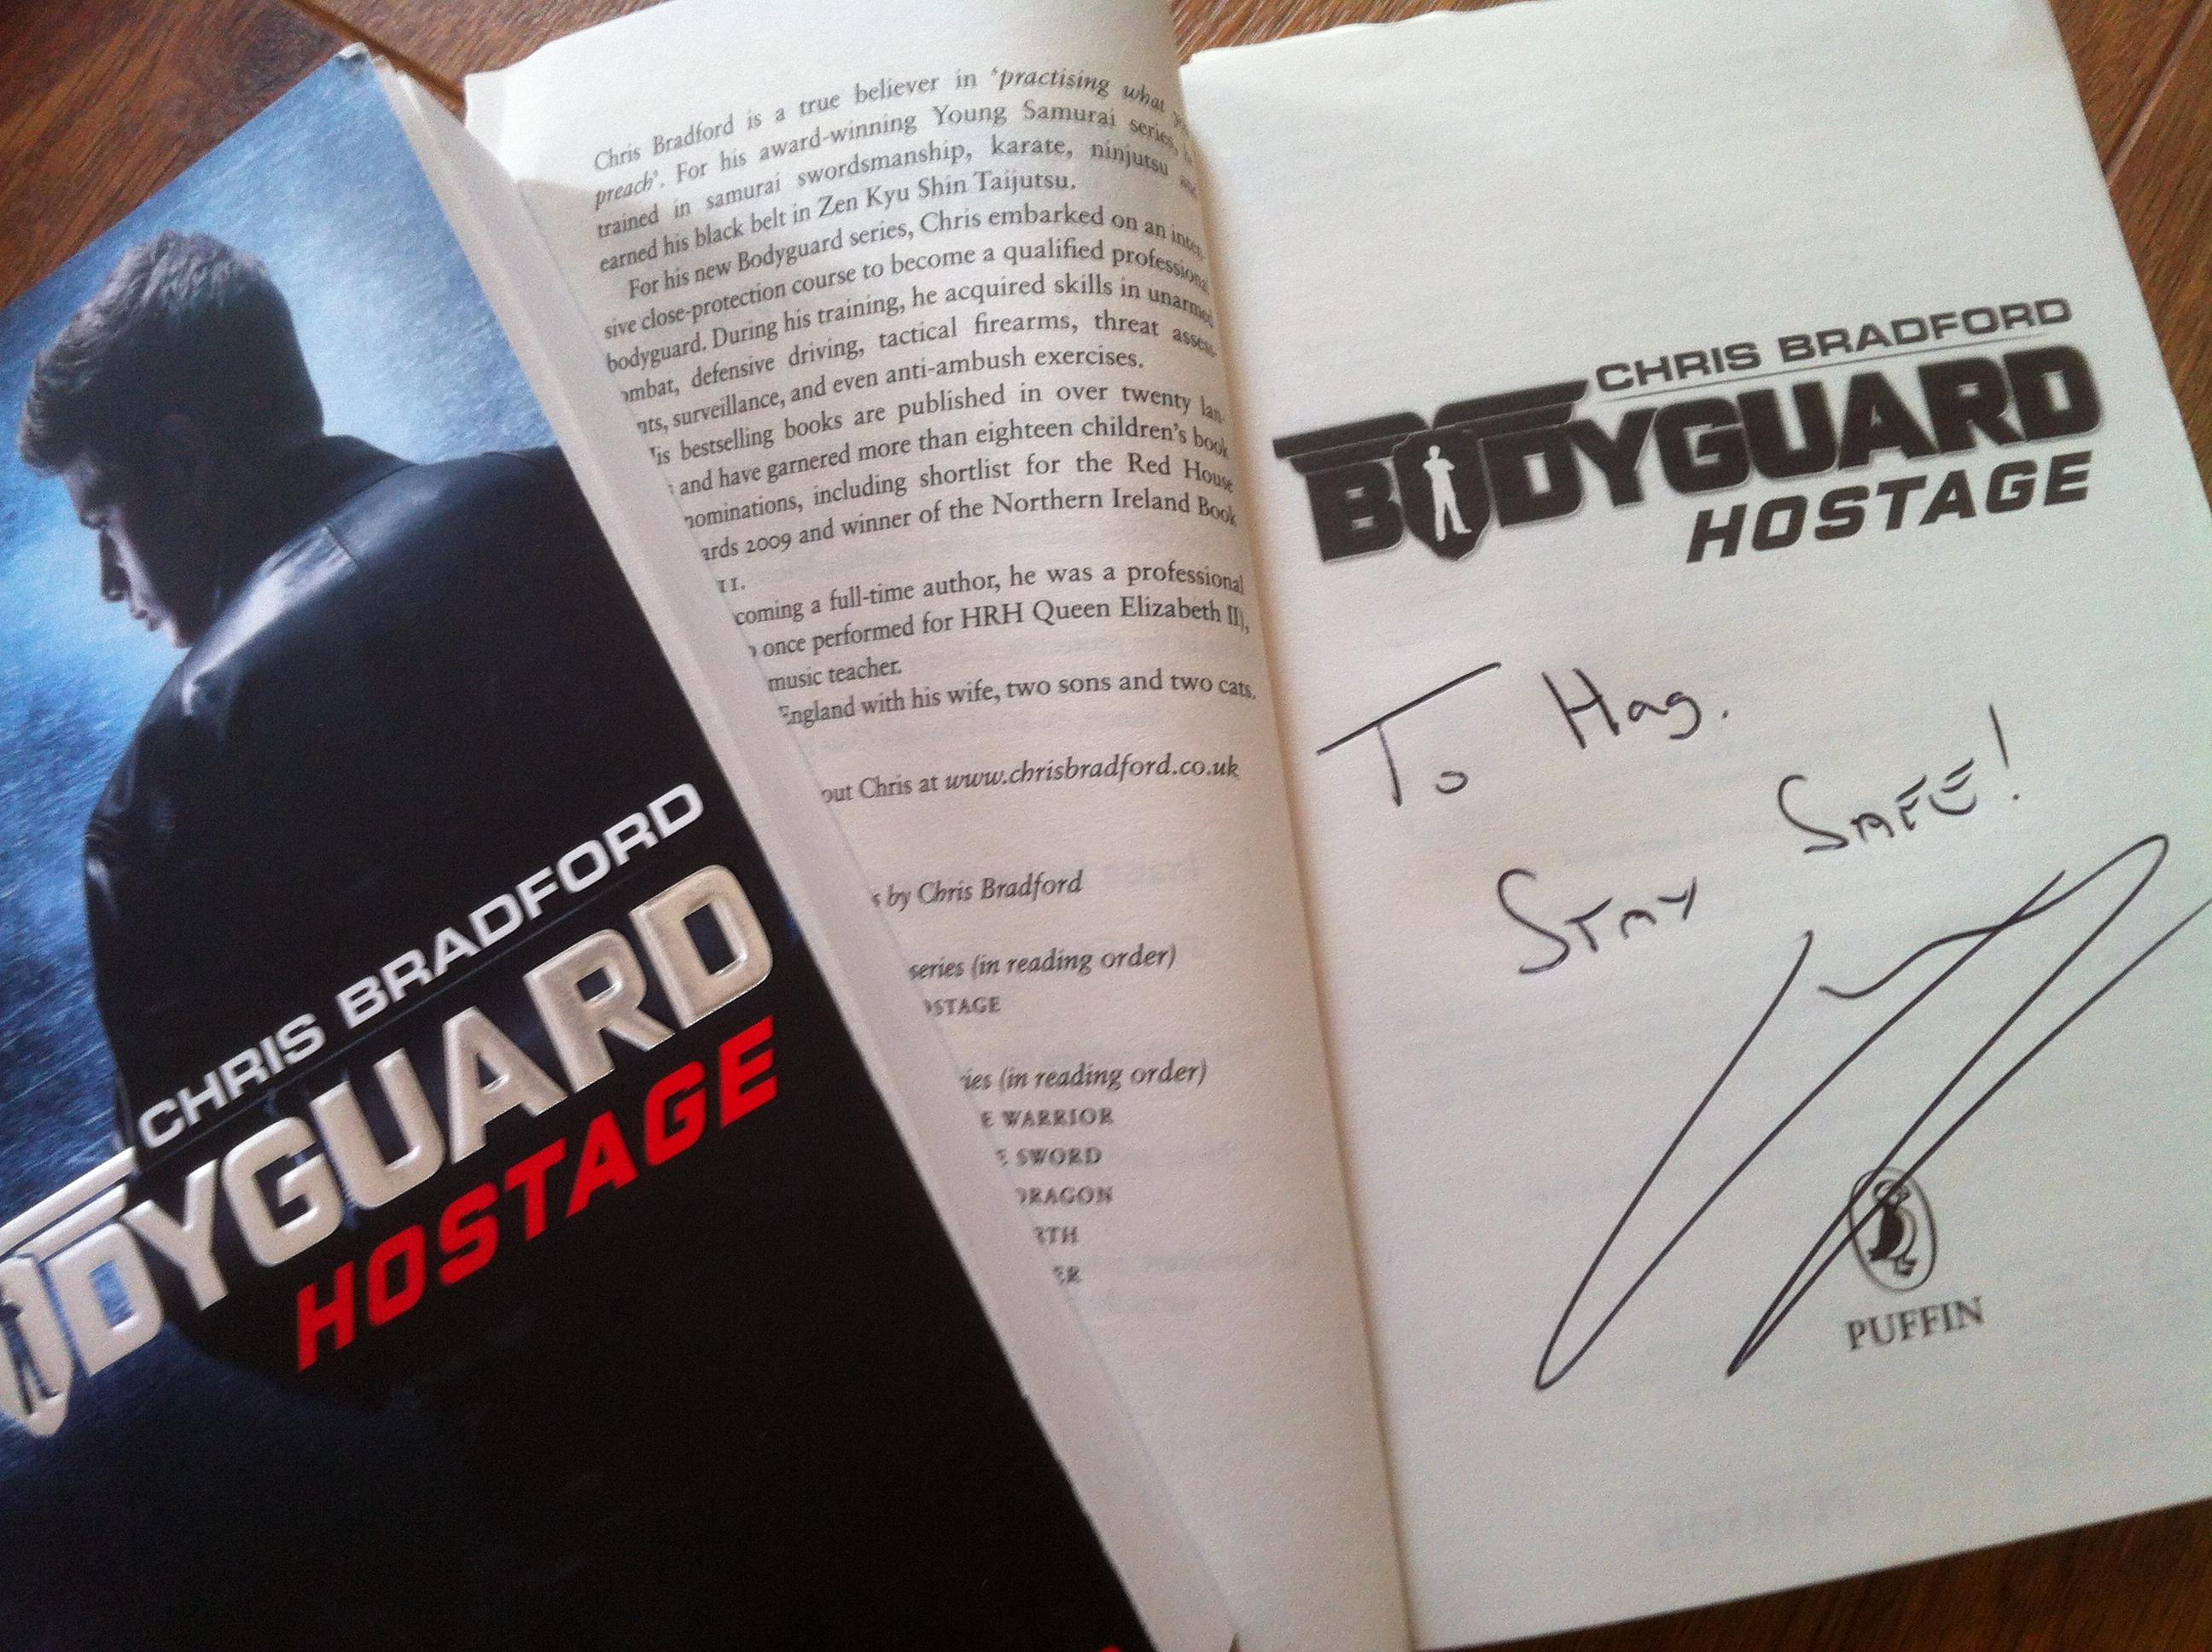 wird bodyguard von chris bradford verfilmt